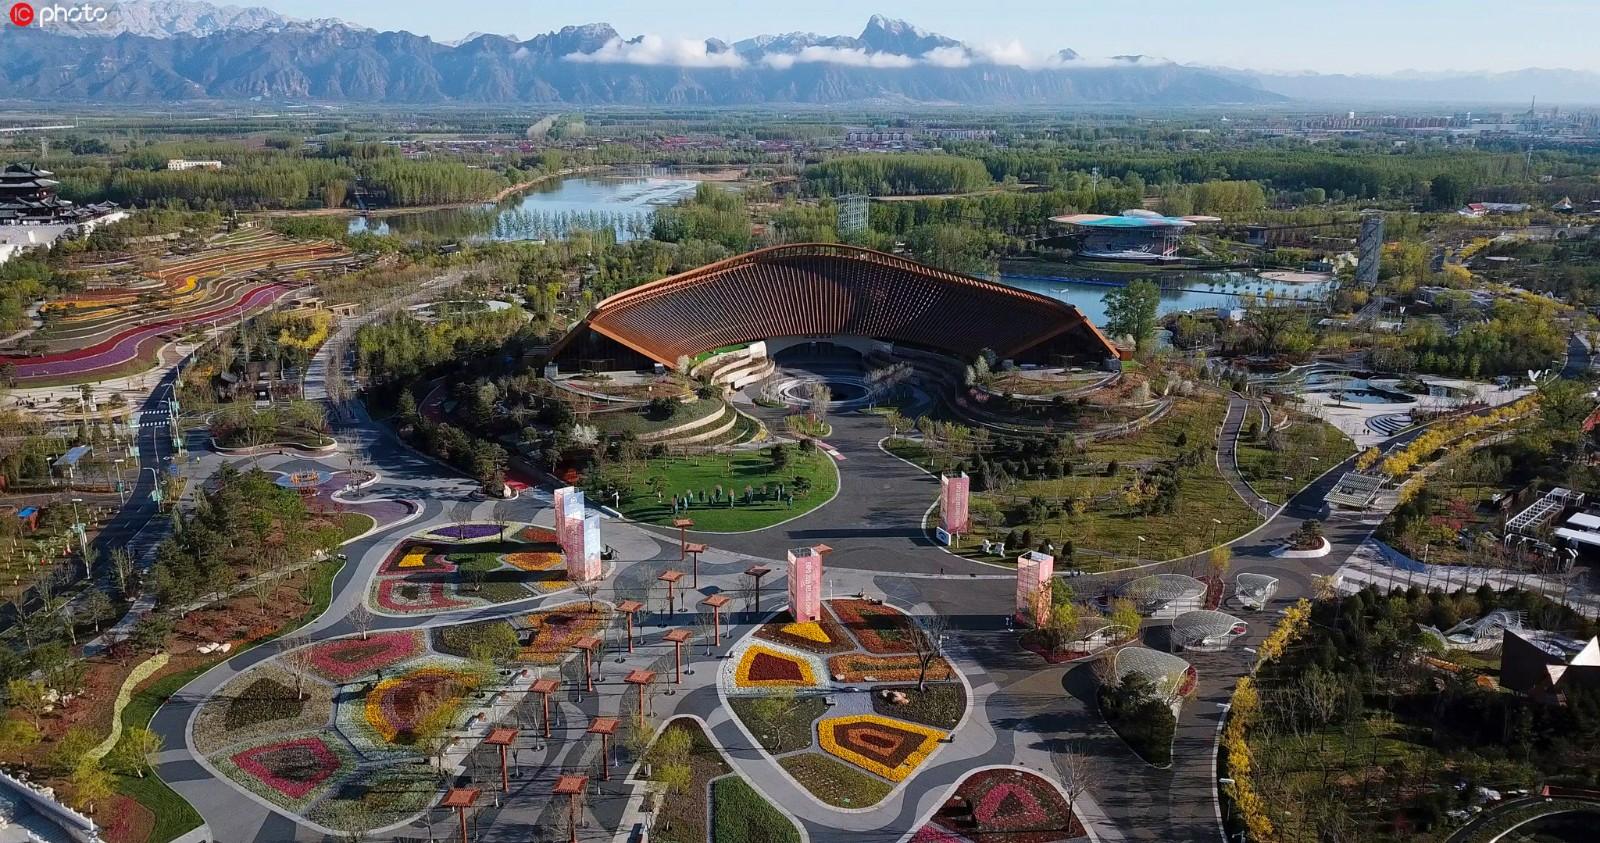 建设美丽中国是我们心向往之的奋斗目标——论学习领会习近平主席在北京世界园艺博览会开幕式上重要讲话精神